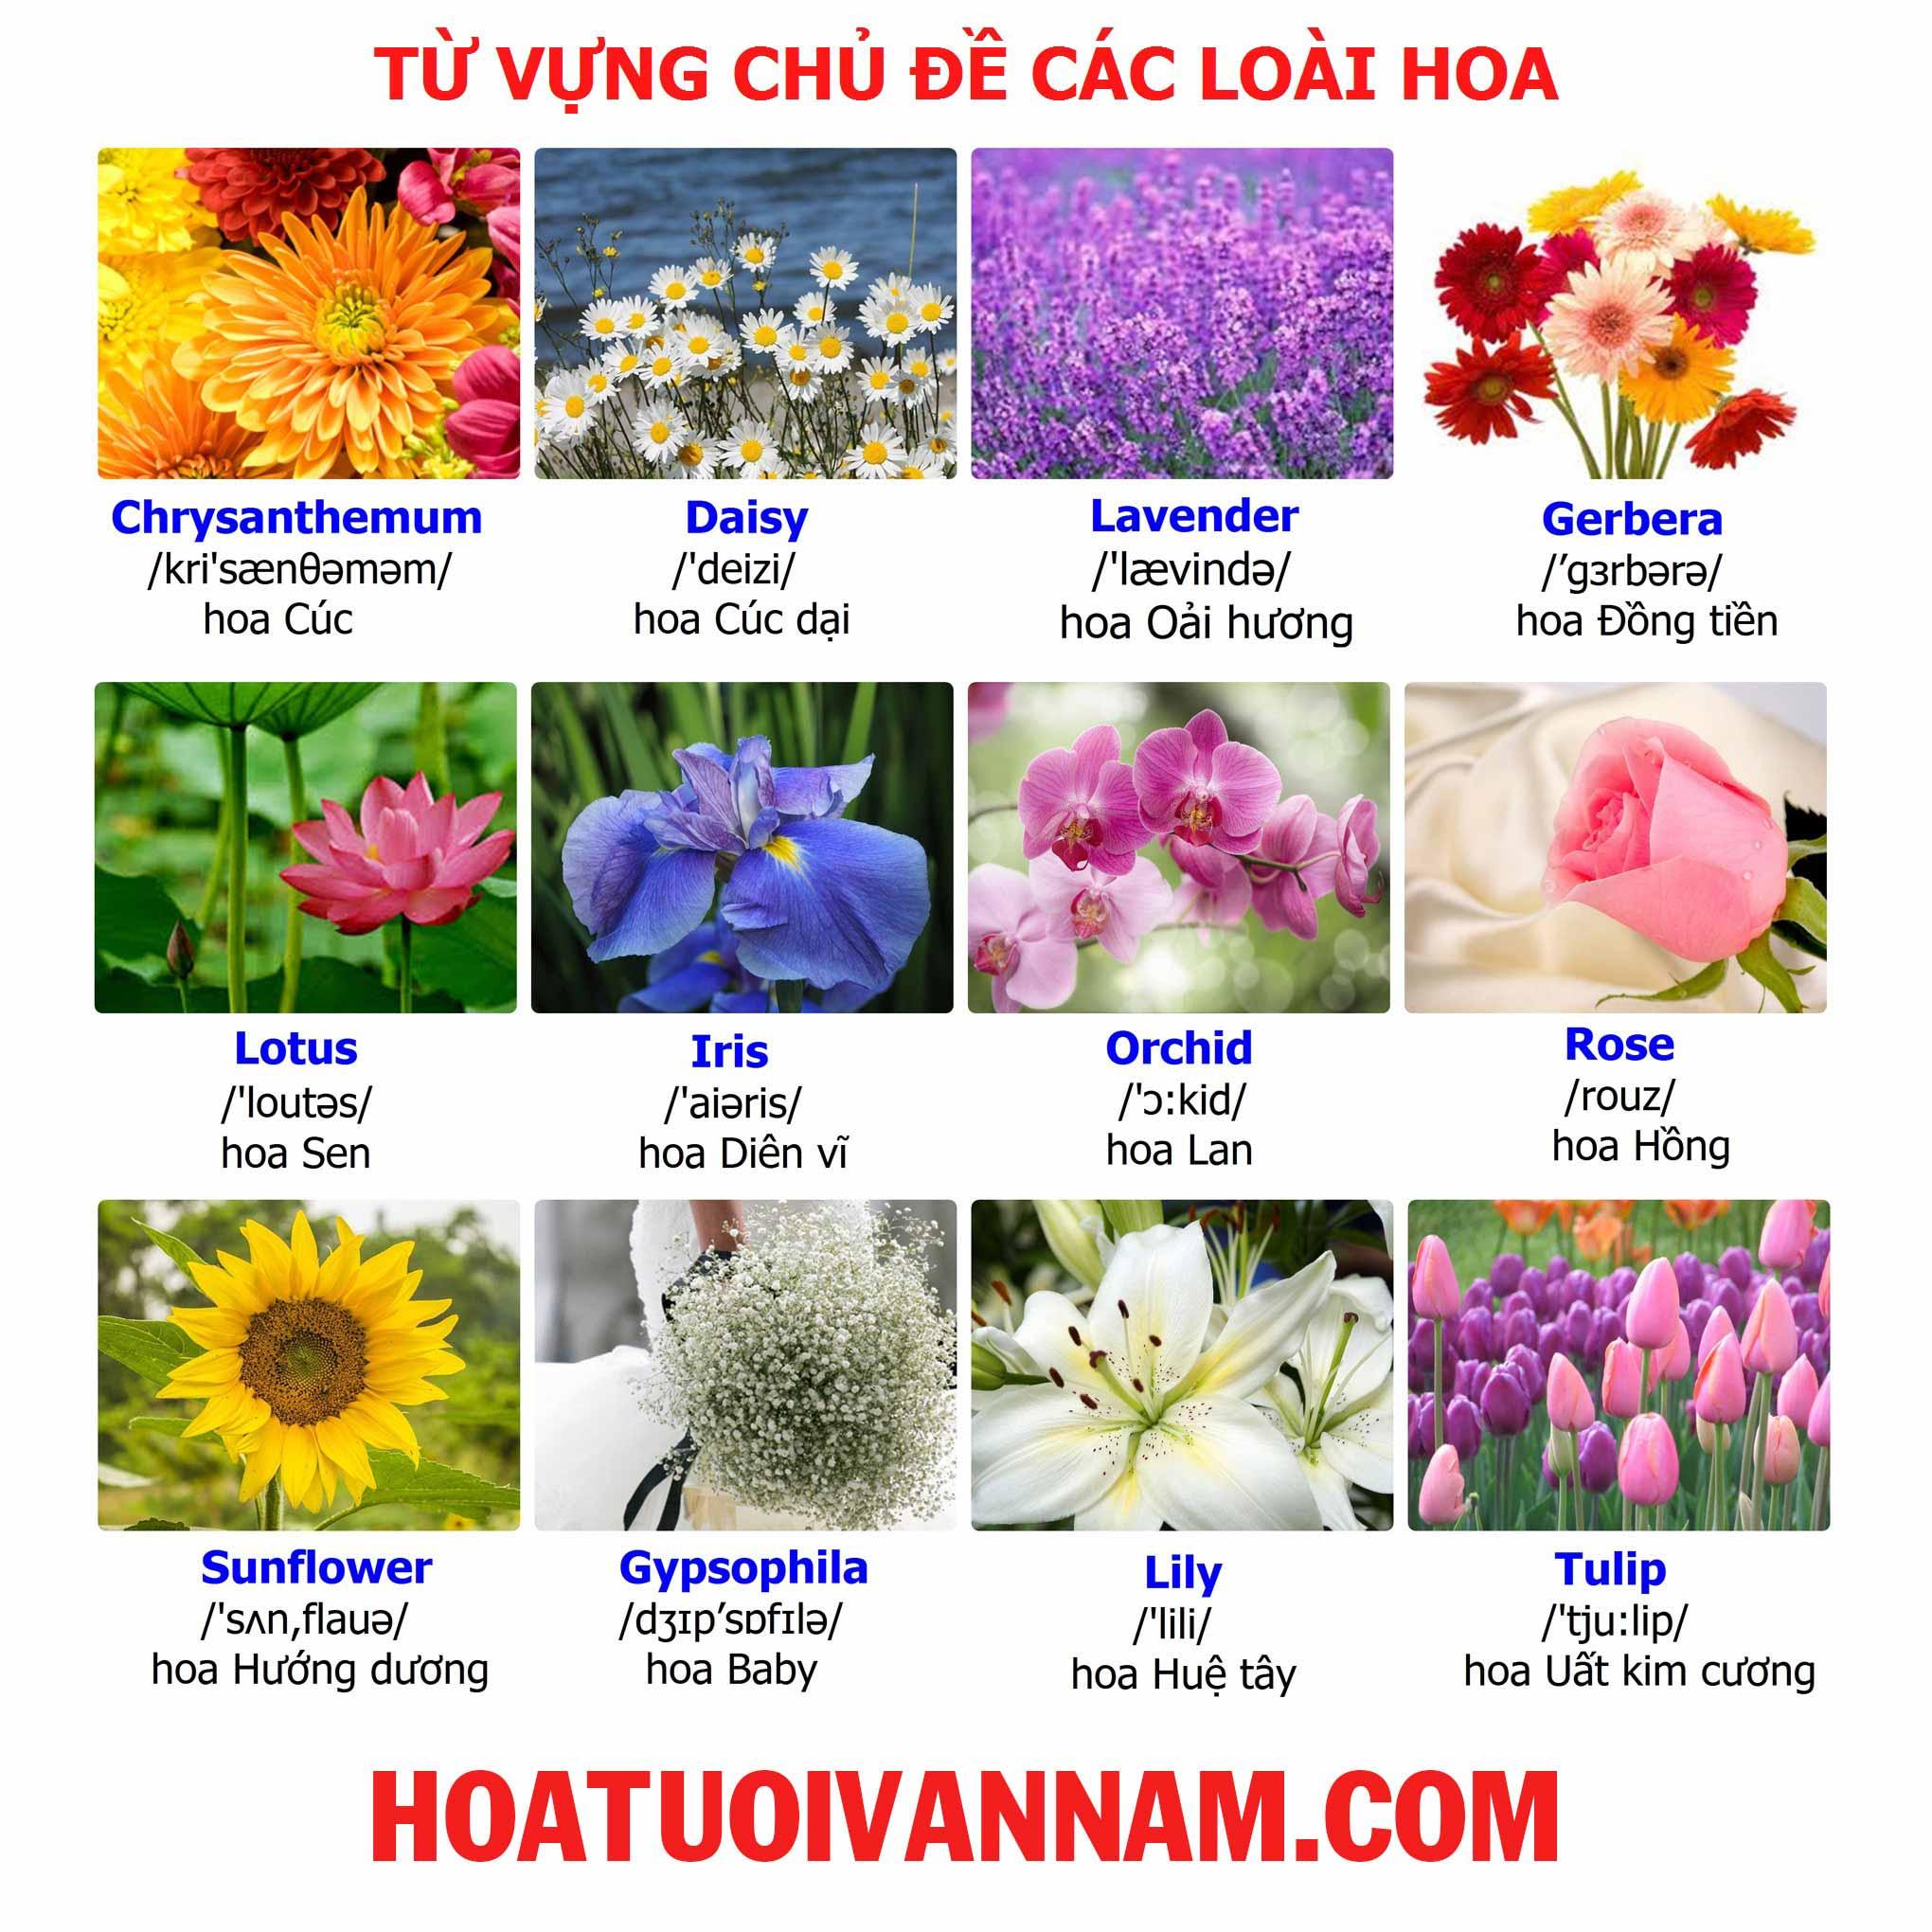 Tên các loài hoa bằng tiếng anh hình 2 a